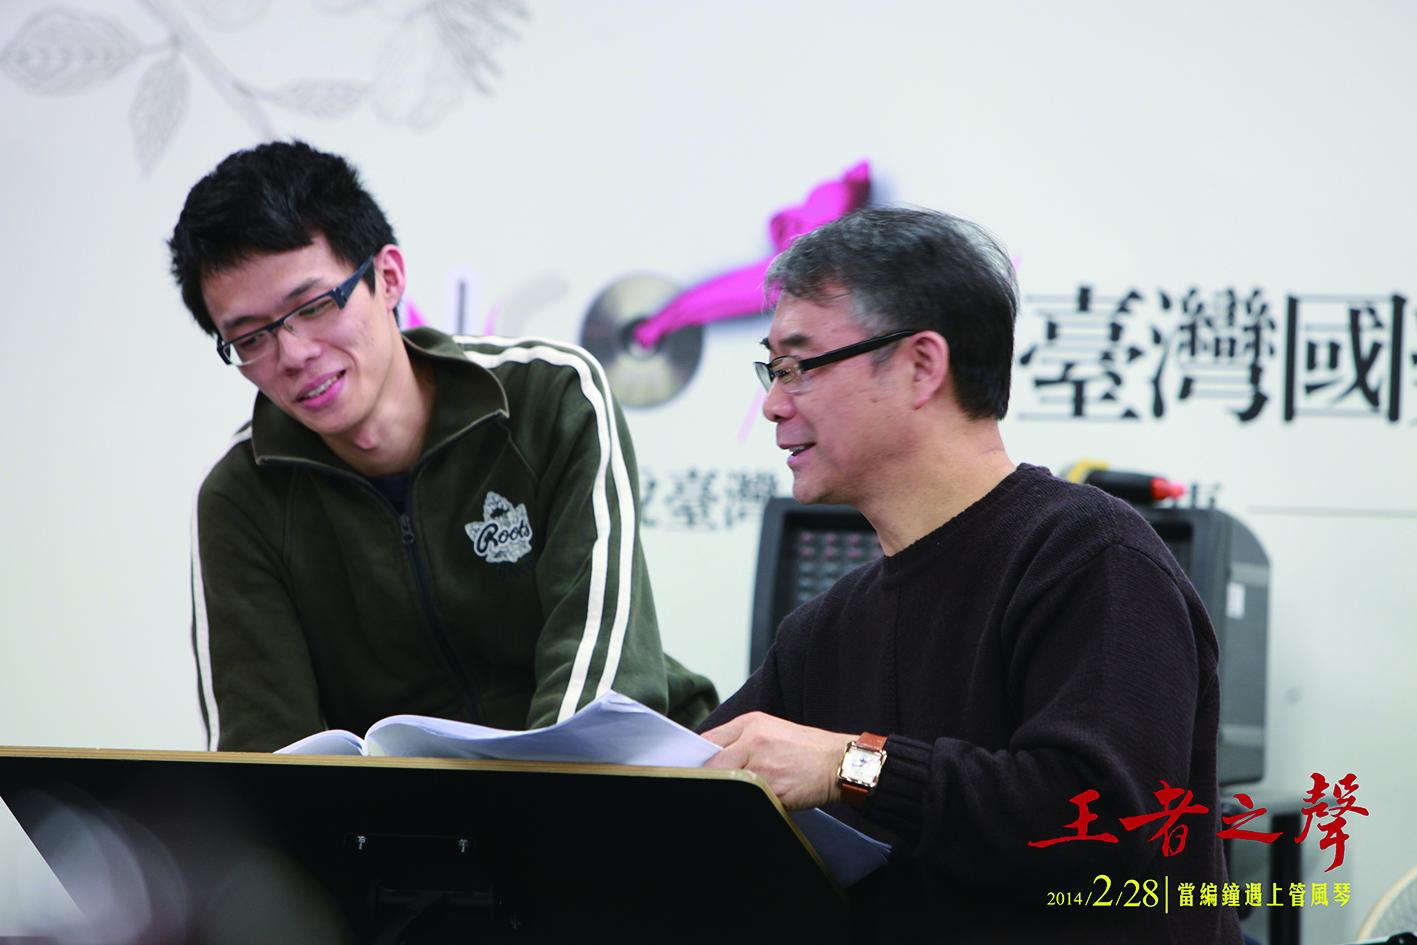 近年來臺灣培育出不少學習國樂出身的作曲家,賦予了國樂曲前所未有的風貌,圖為作曲家王乙聿(左)向前輩閻惠昌(右)請益.jpg